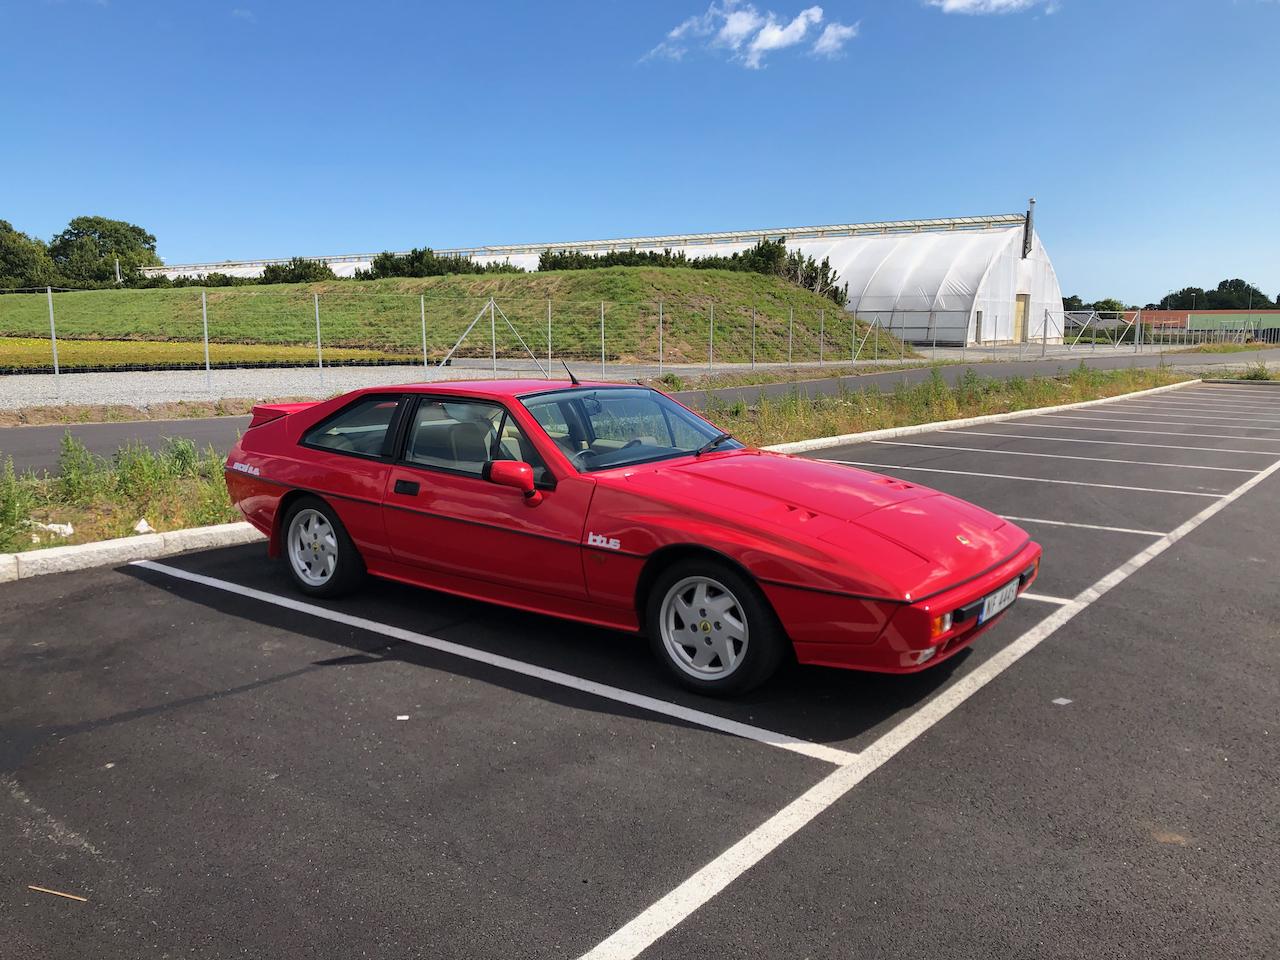 Når solen titter frem parkerer han Alfa Romeoen og tar frem Lotusen